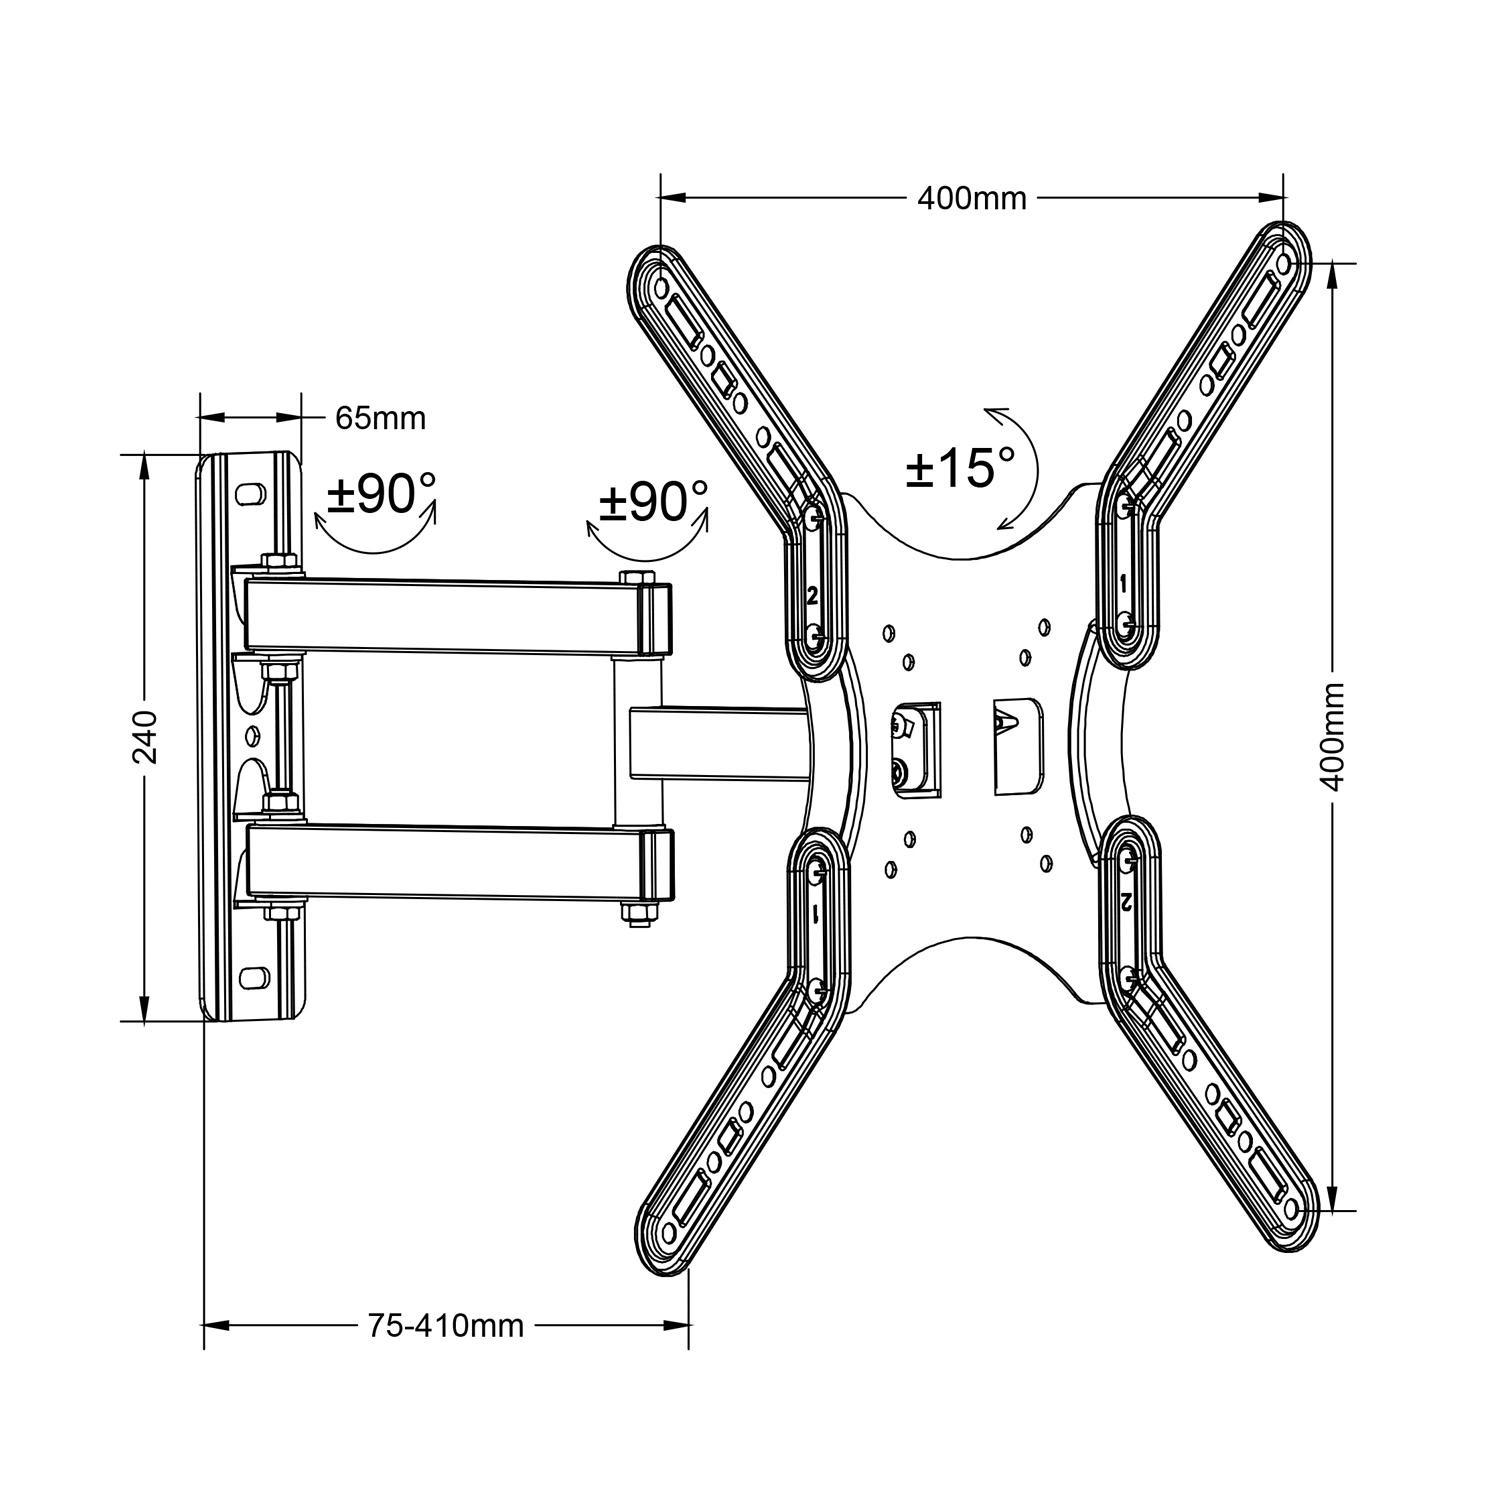 Držák na Tv s nastavením do požadované polohy, otočný, sklopný, délkové nastavení, VESA standard, nosnost 30kg - Fiber Mounts DELTA759